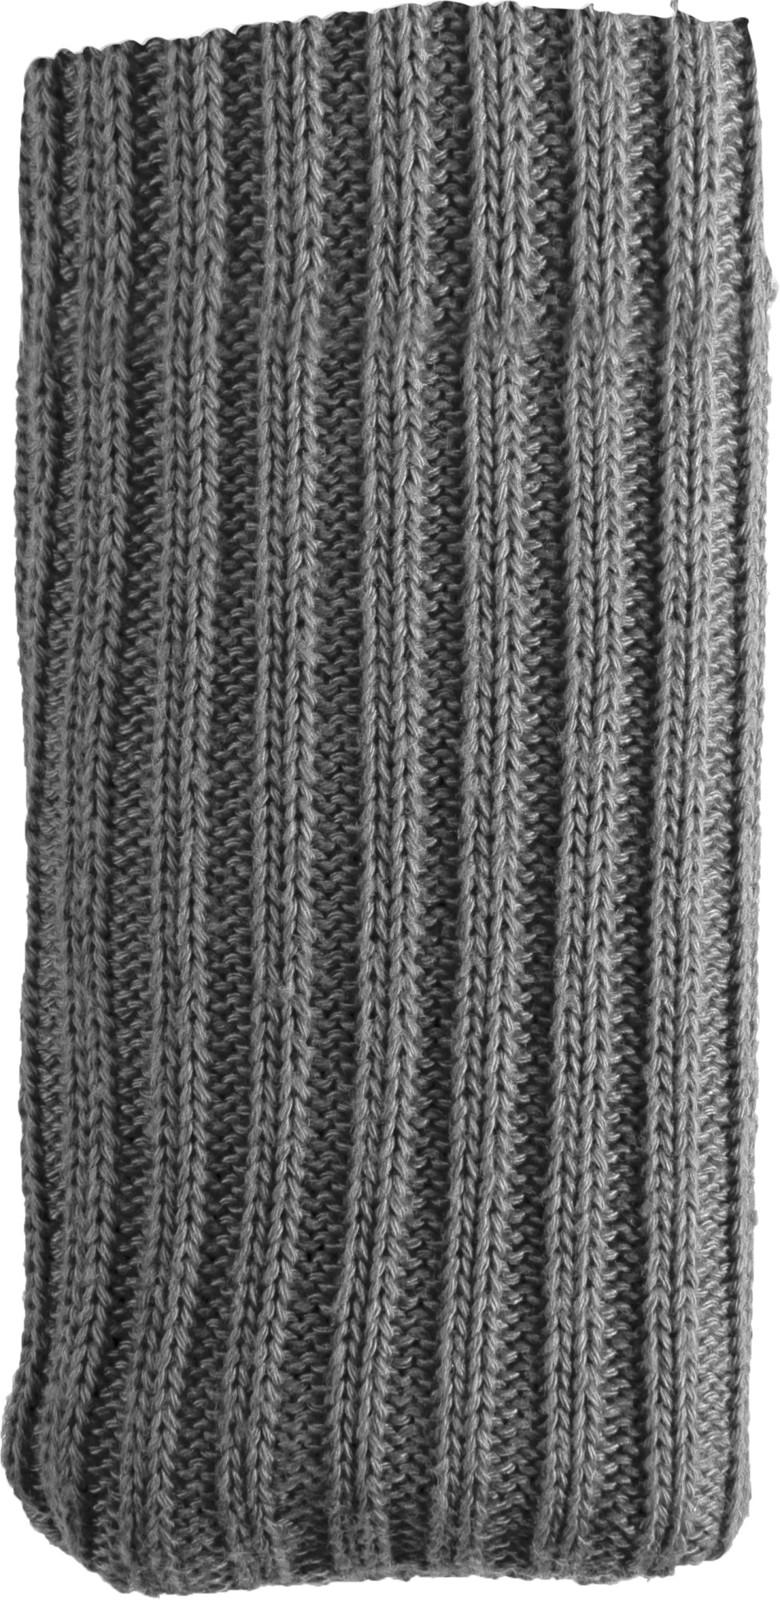 Aluminium handwarmer - Grey